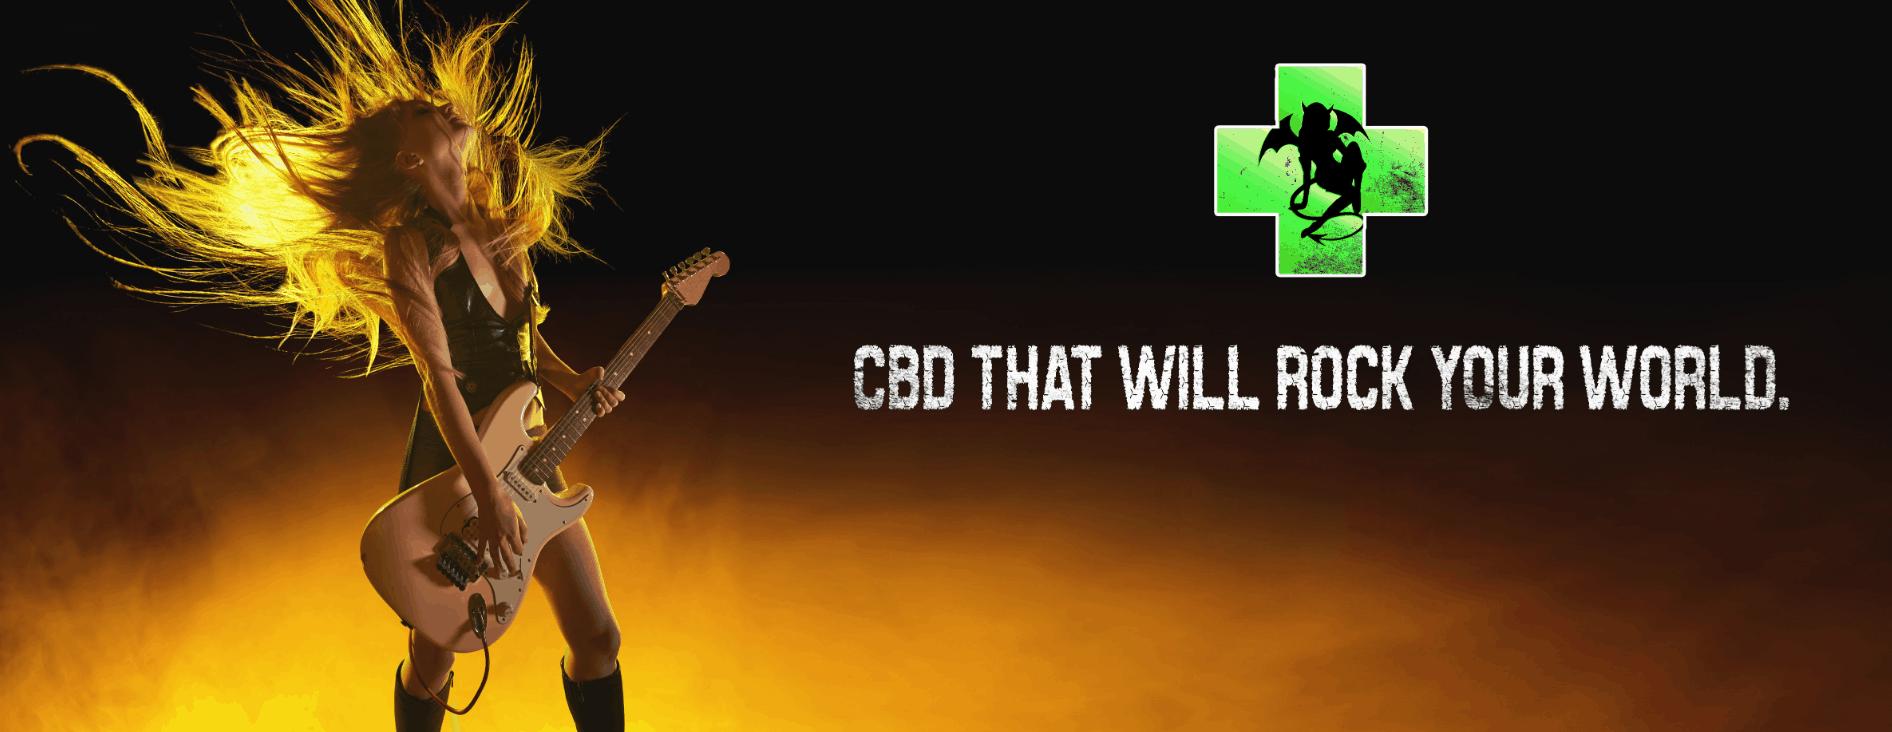 Green Temptress LLC CBD Coupon Code Rock Yourself